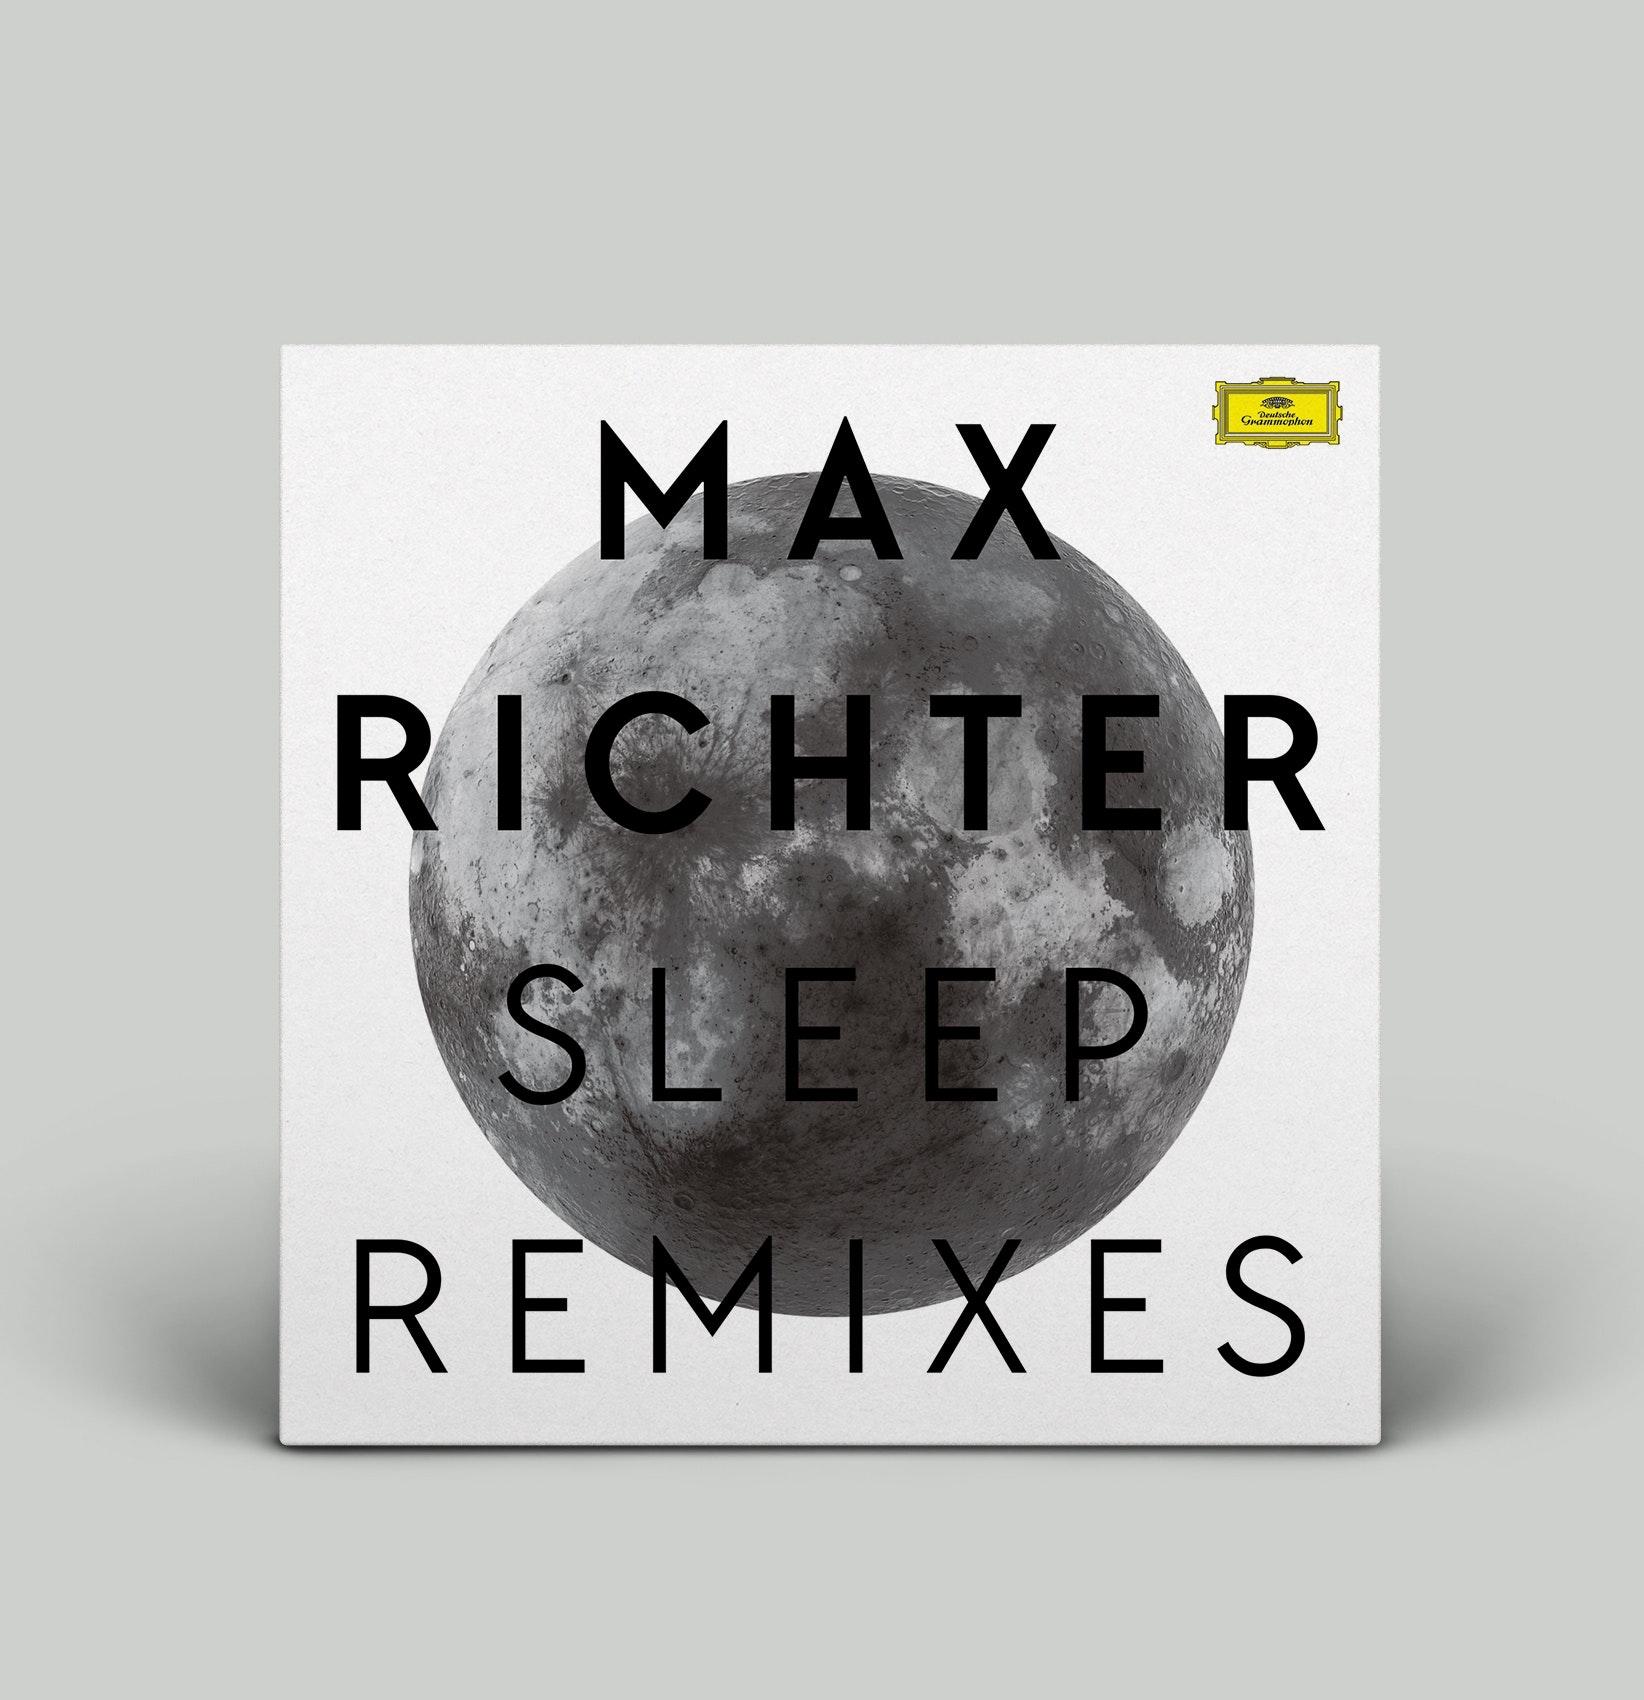 3 Max Richter Design-Wettbewerb